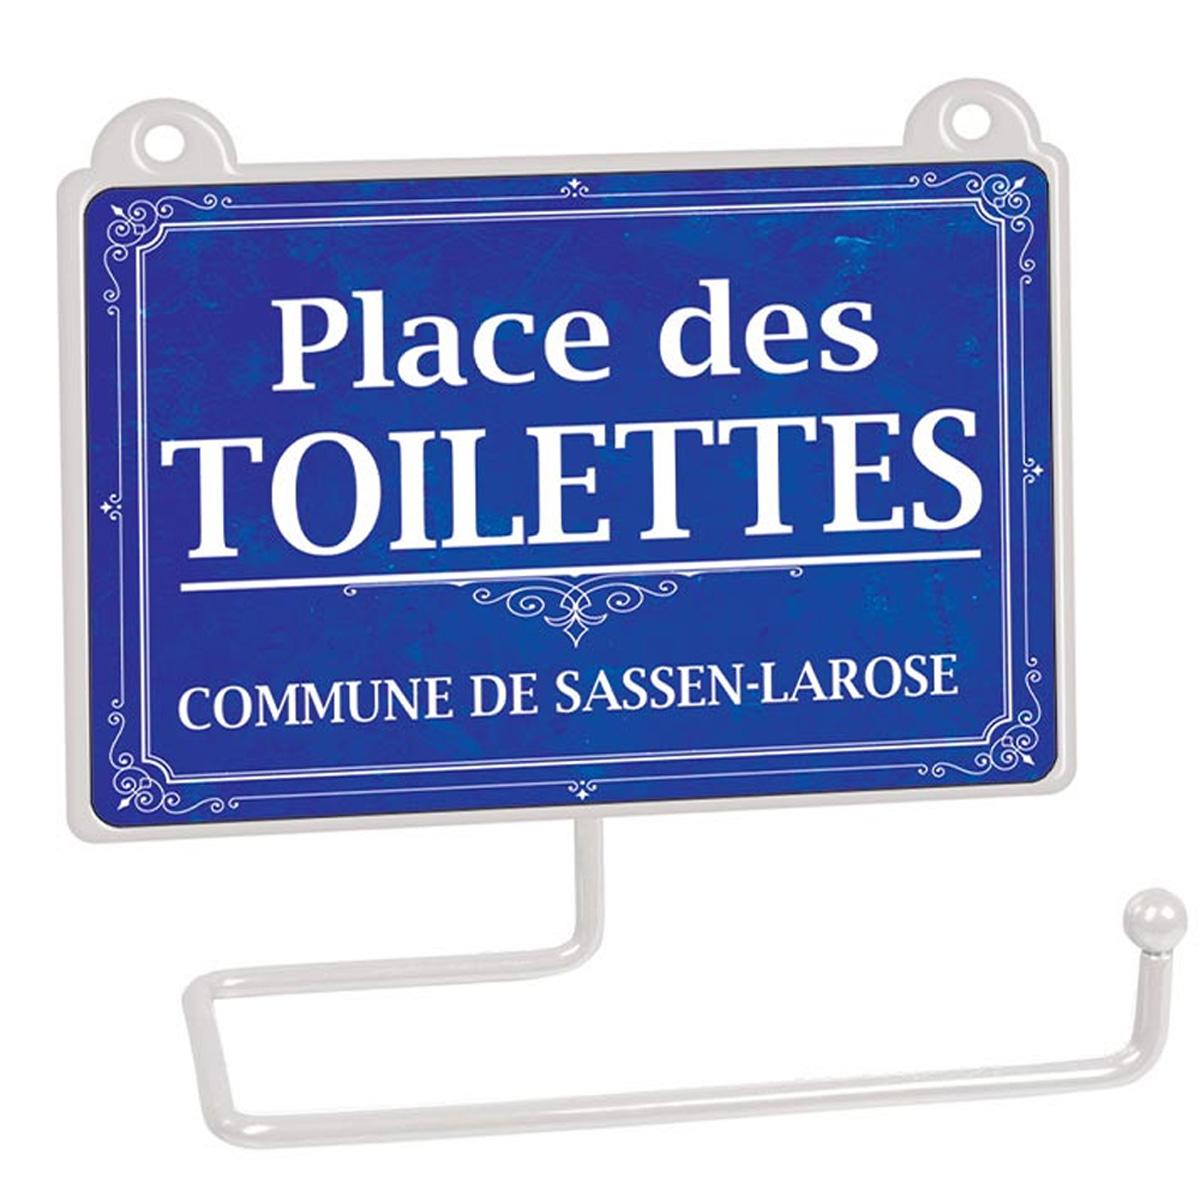 Dérouleur papier WC humoristique \'Messages\' (Place des toilettes - commune de Sassen-La-Rose) - 15x125 cm - [R2334]